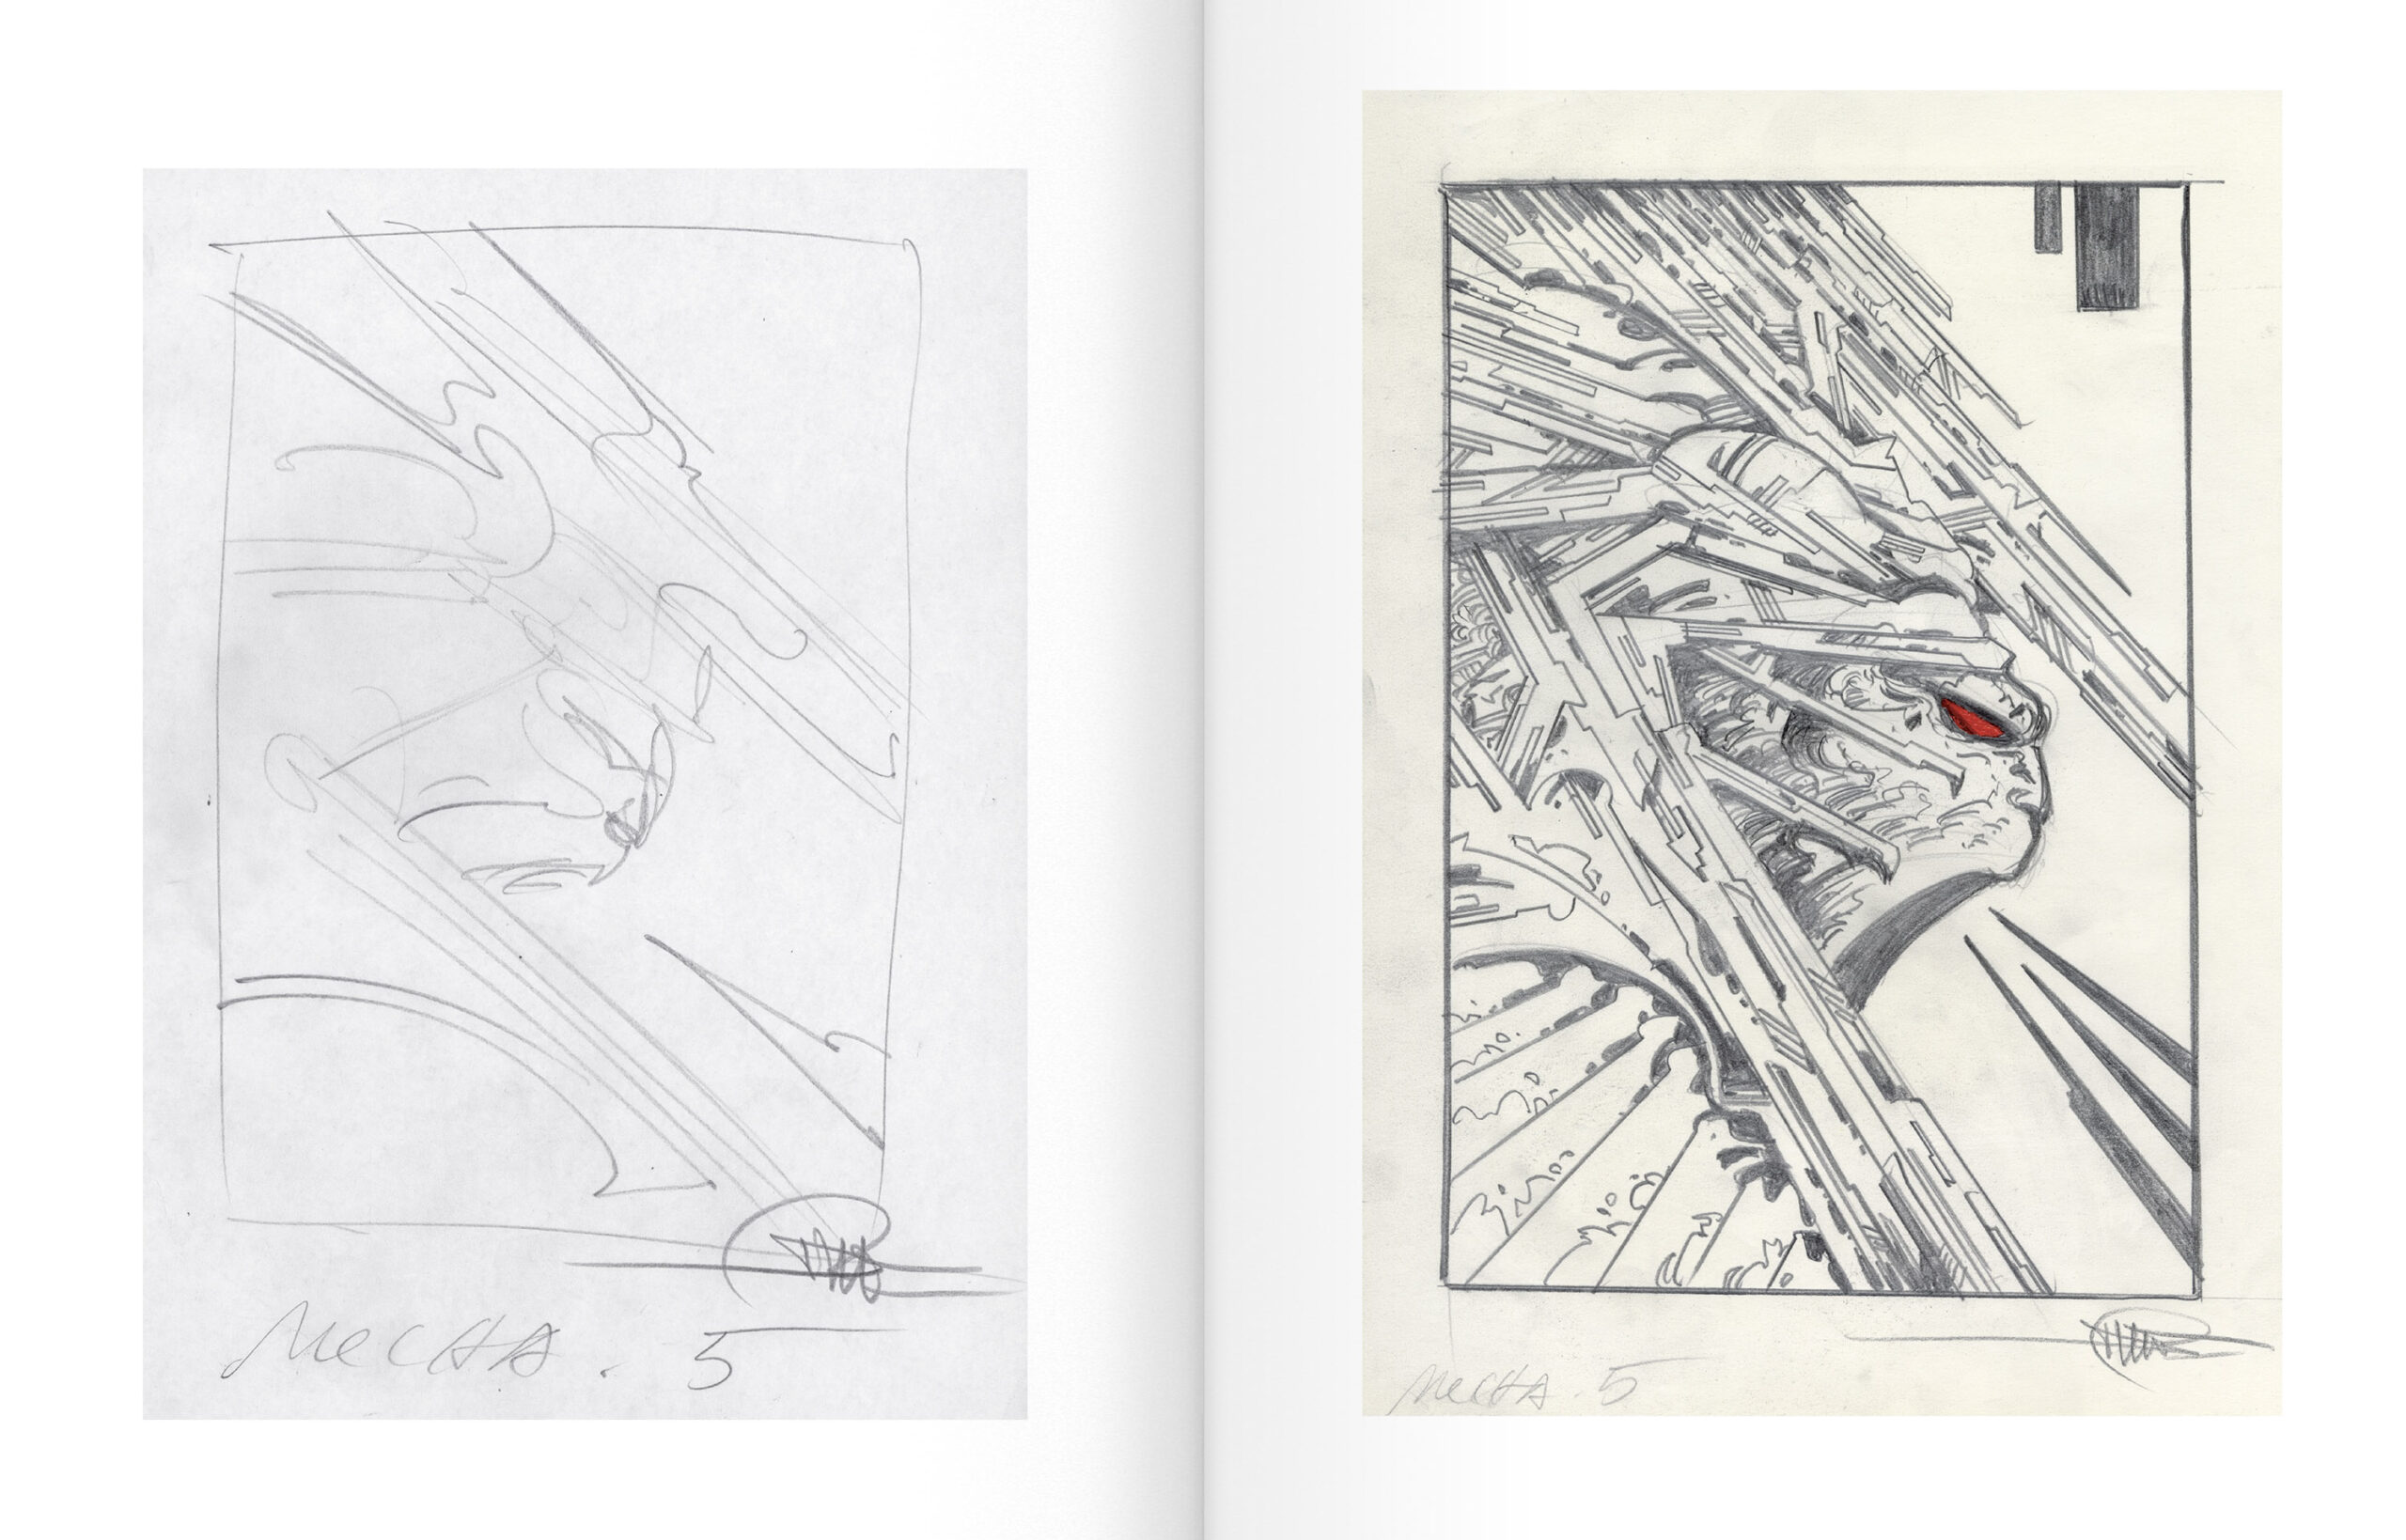 Druillet - Mecha-Sloane - pages intérieures